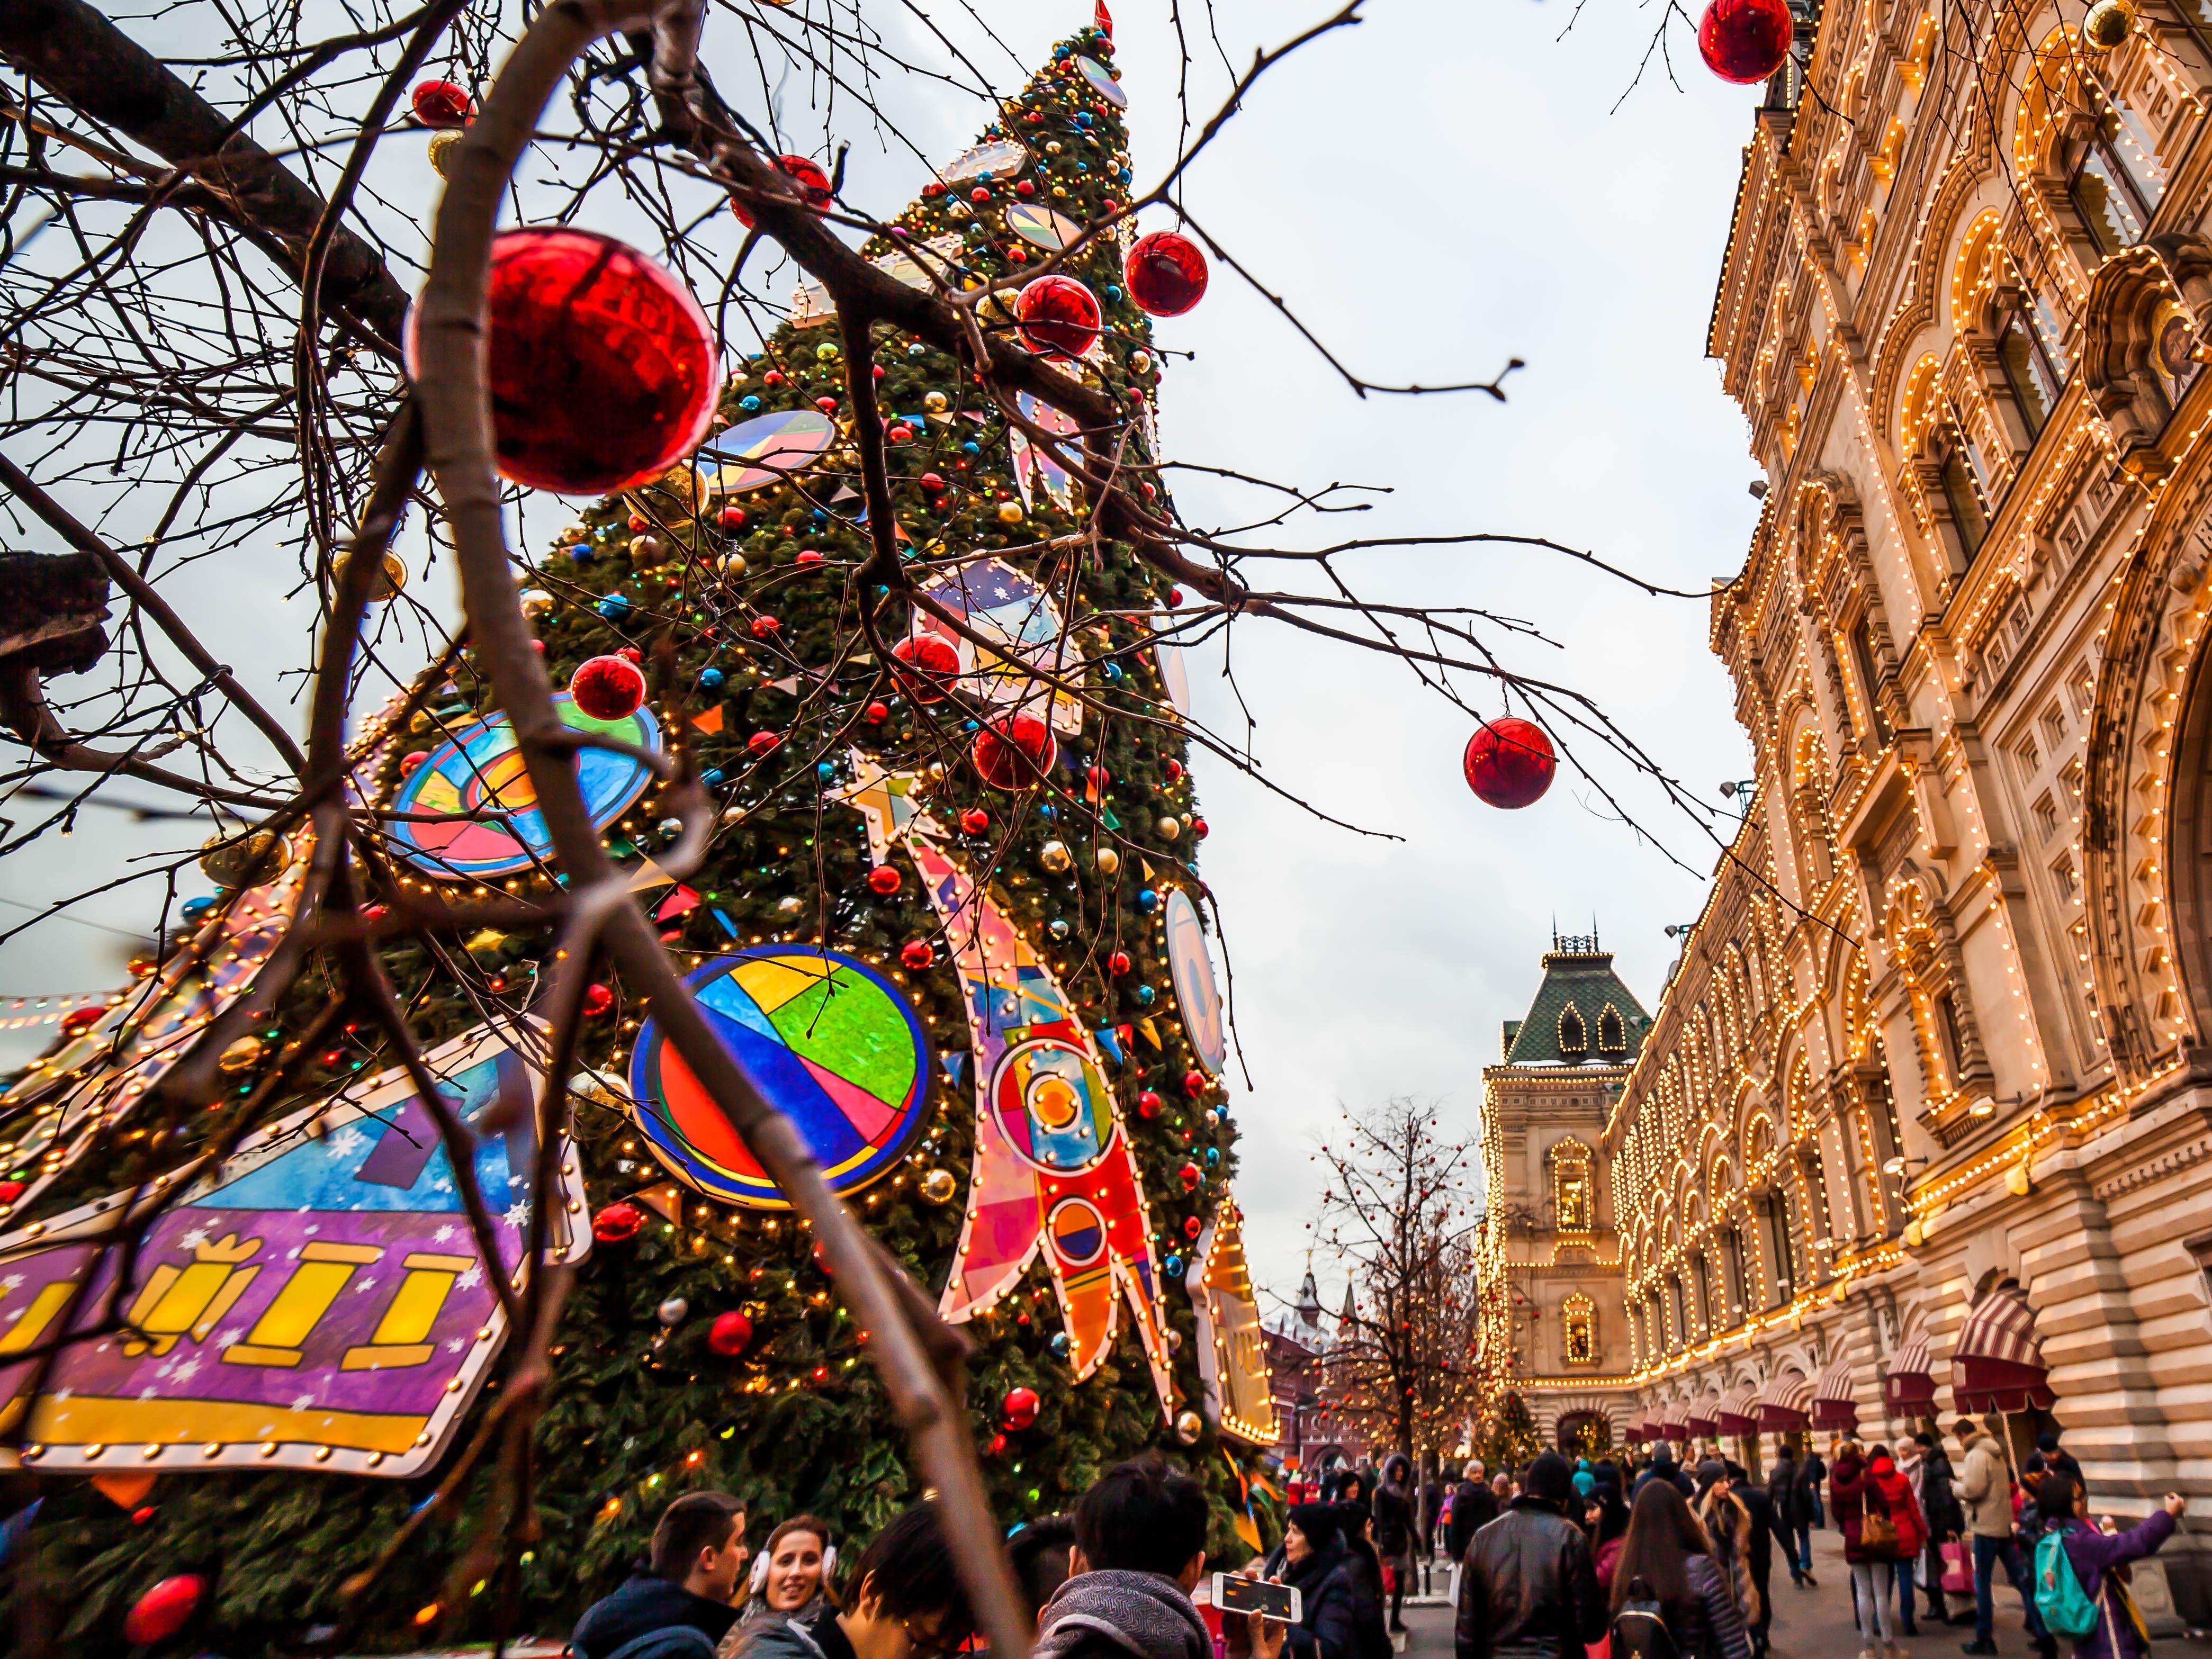 Праздник пришел. НаНовый год в российской столице гуляли 3 млн человек